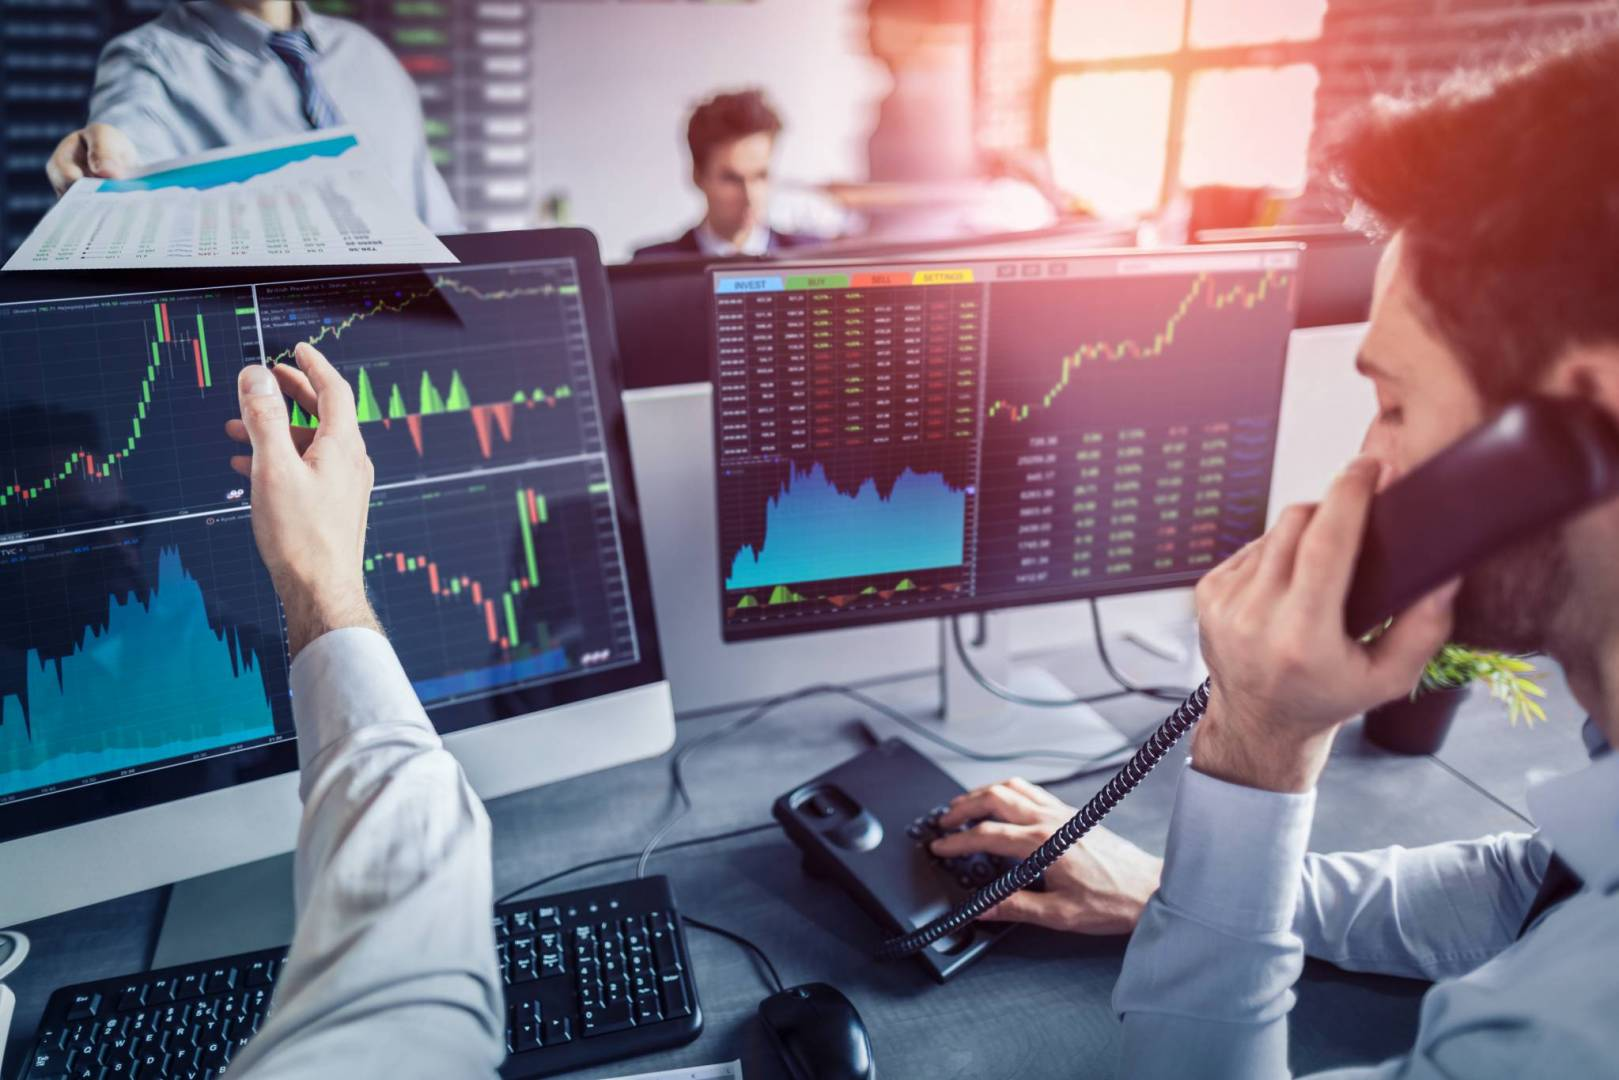 لماذا يجب الاستثمار أكثر في الأسهم؟